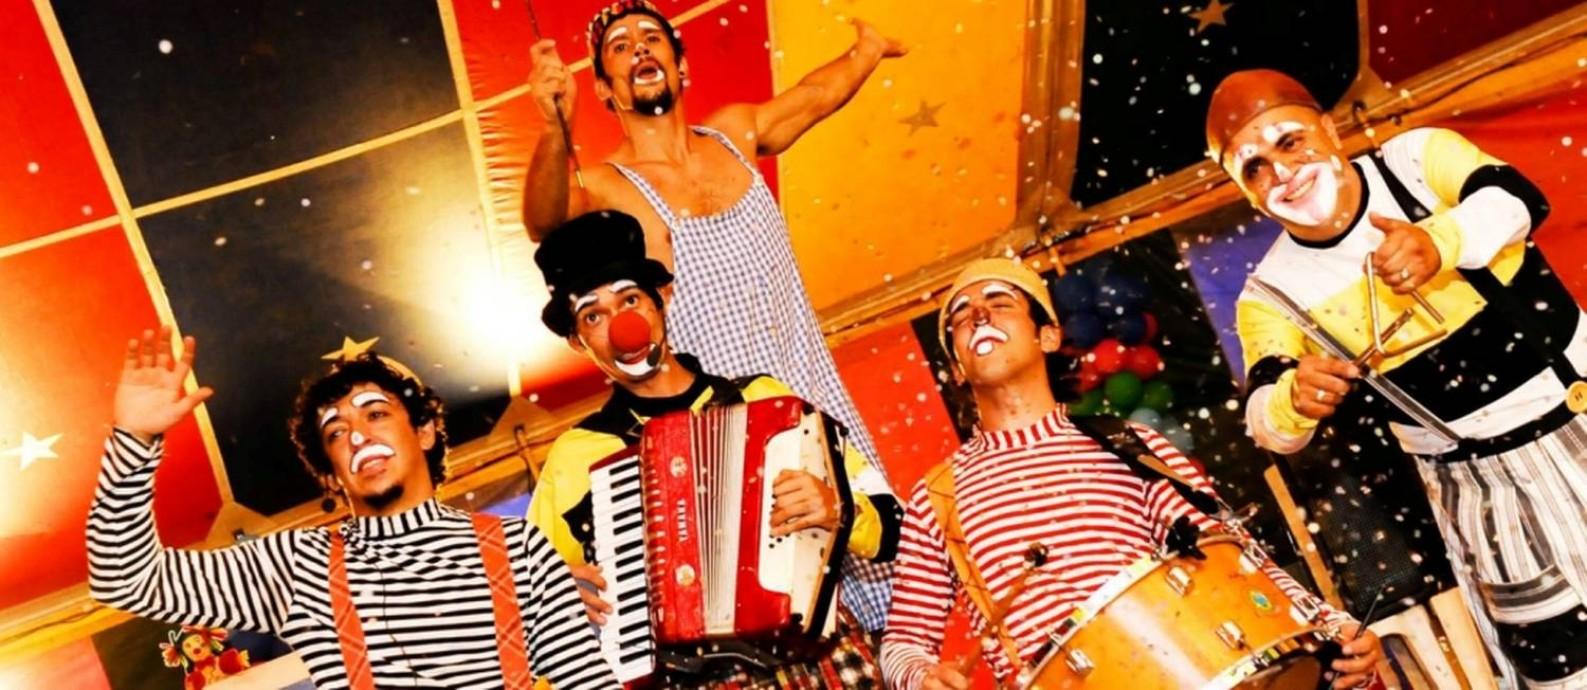 Os brasilienses do Circo Teatro Artetude apresentam o espetáculo 'Brincadeiras de Circo' Foto: Divulgação